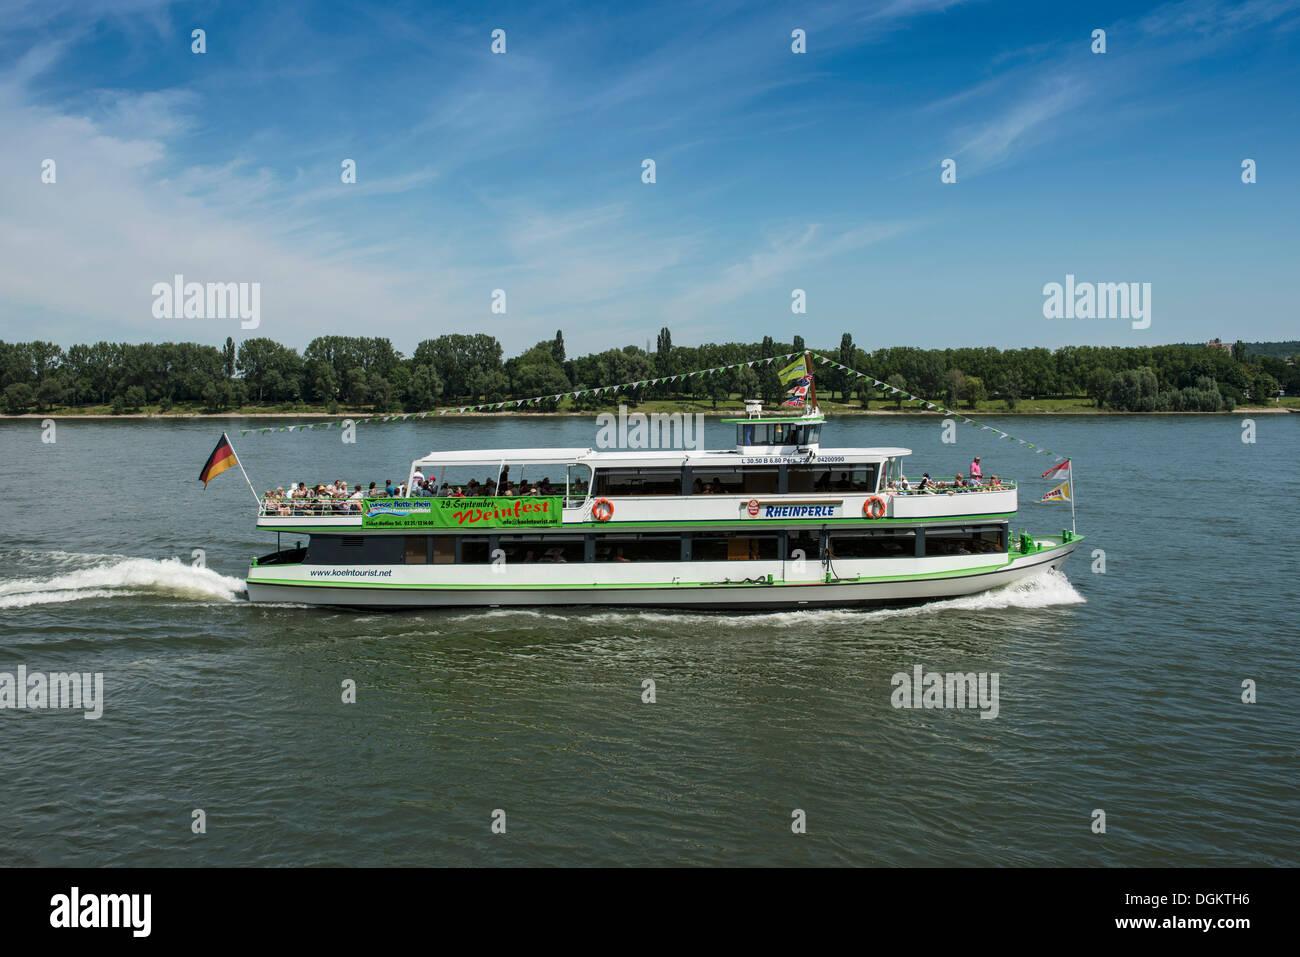 Rheinperle, un bateau d'excursion de l'Koelntourist Personenschiffahrt am Dom GmbH Société de transport circulant sur le Rhin Photo Stock